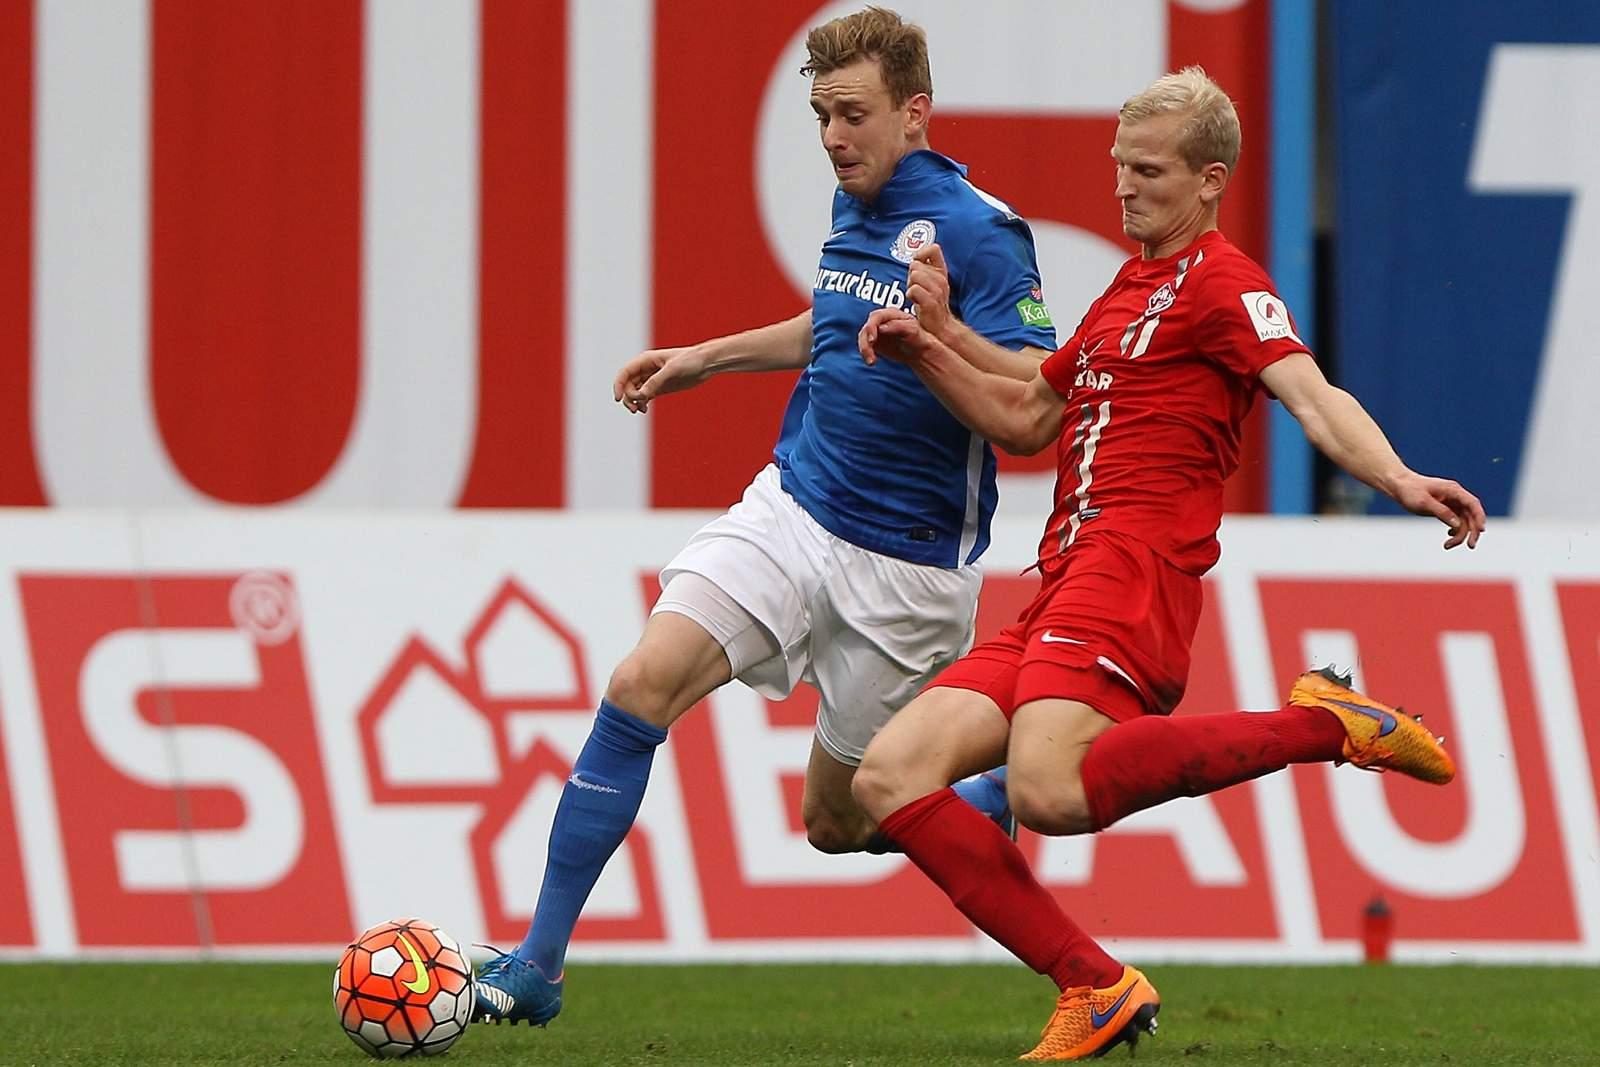 Maximilian Ahlschwede trifft mit Würzburg auf seinen ehemaligen Verein - wer wird gewinnen? Jetzt wetten!